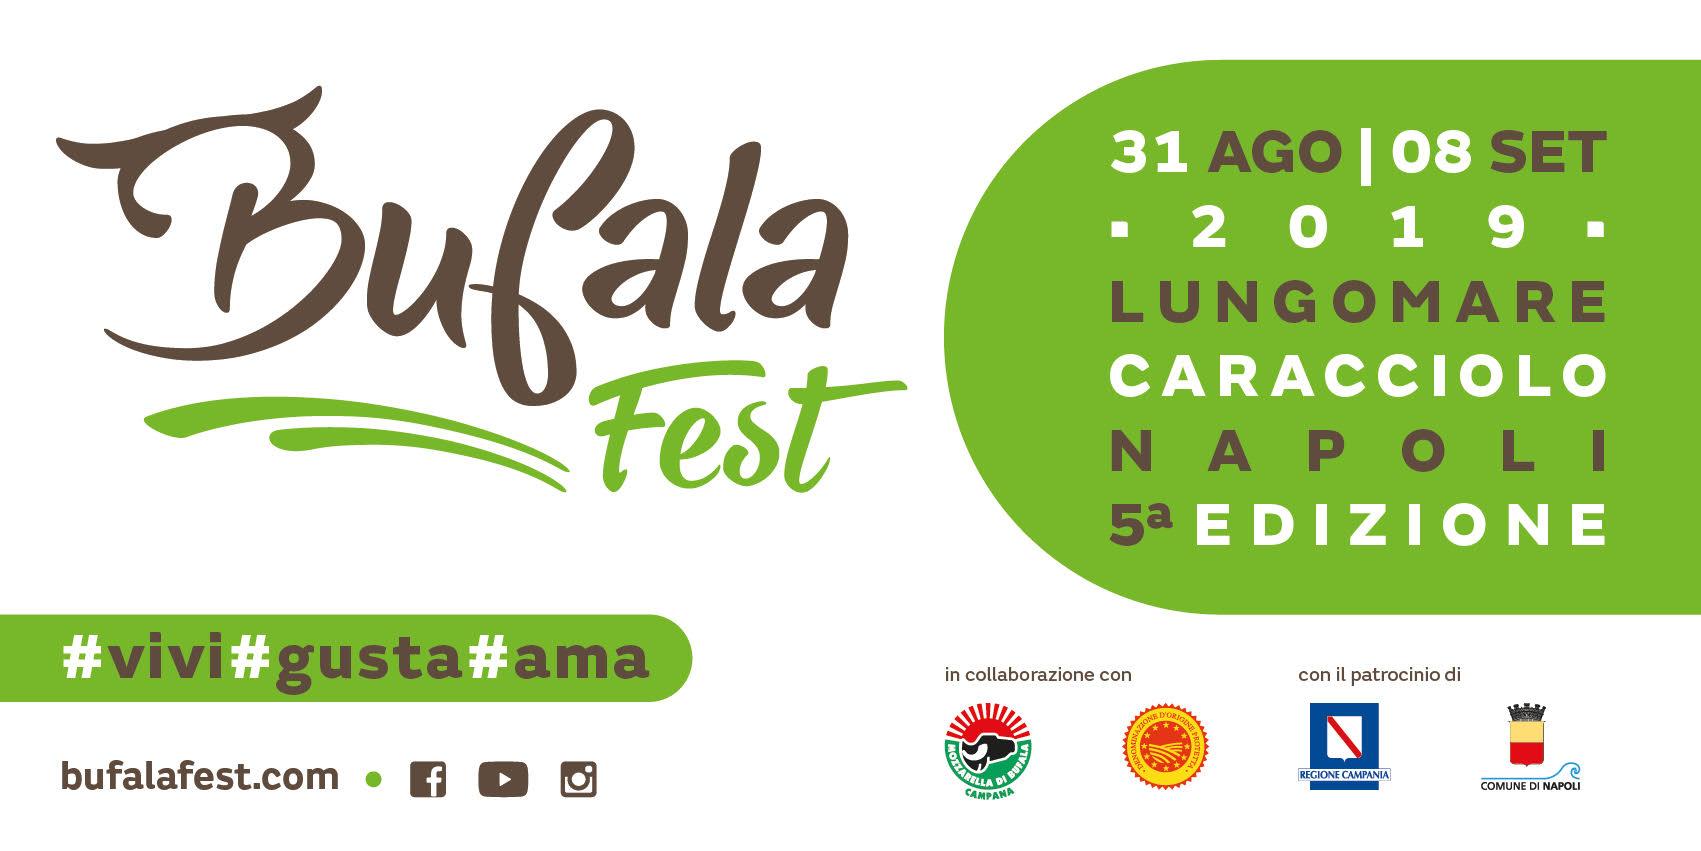 Bufala Fest 2019: ecosostenibilità e tradizione